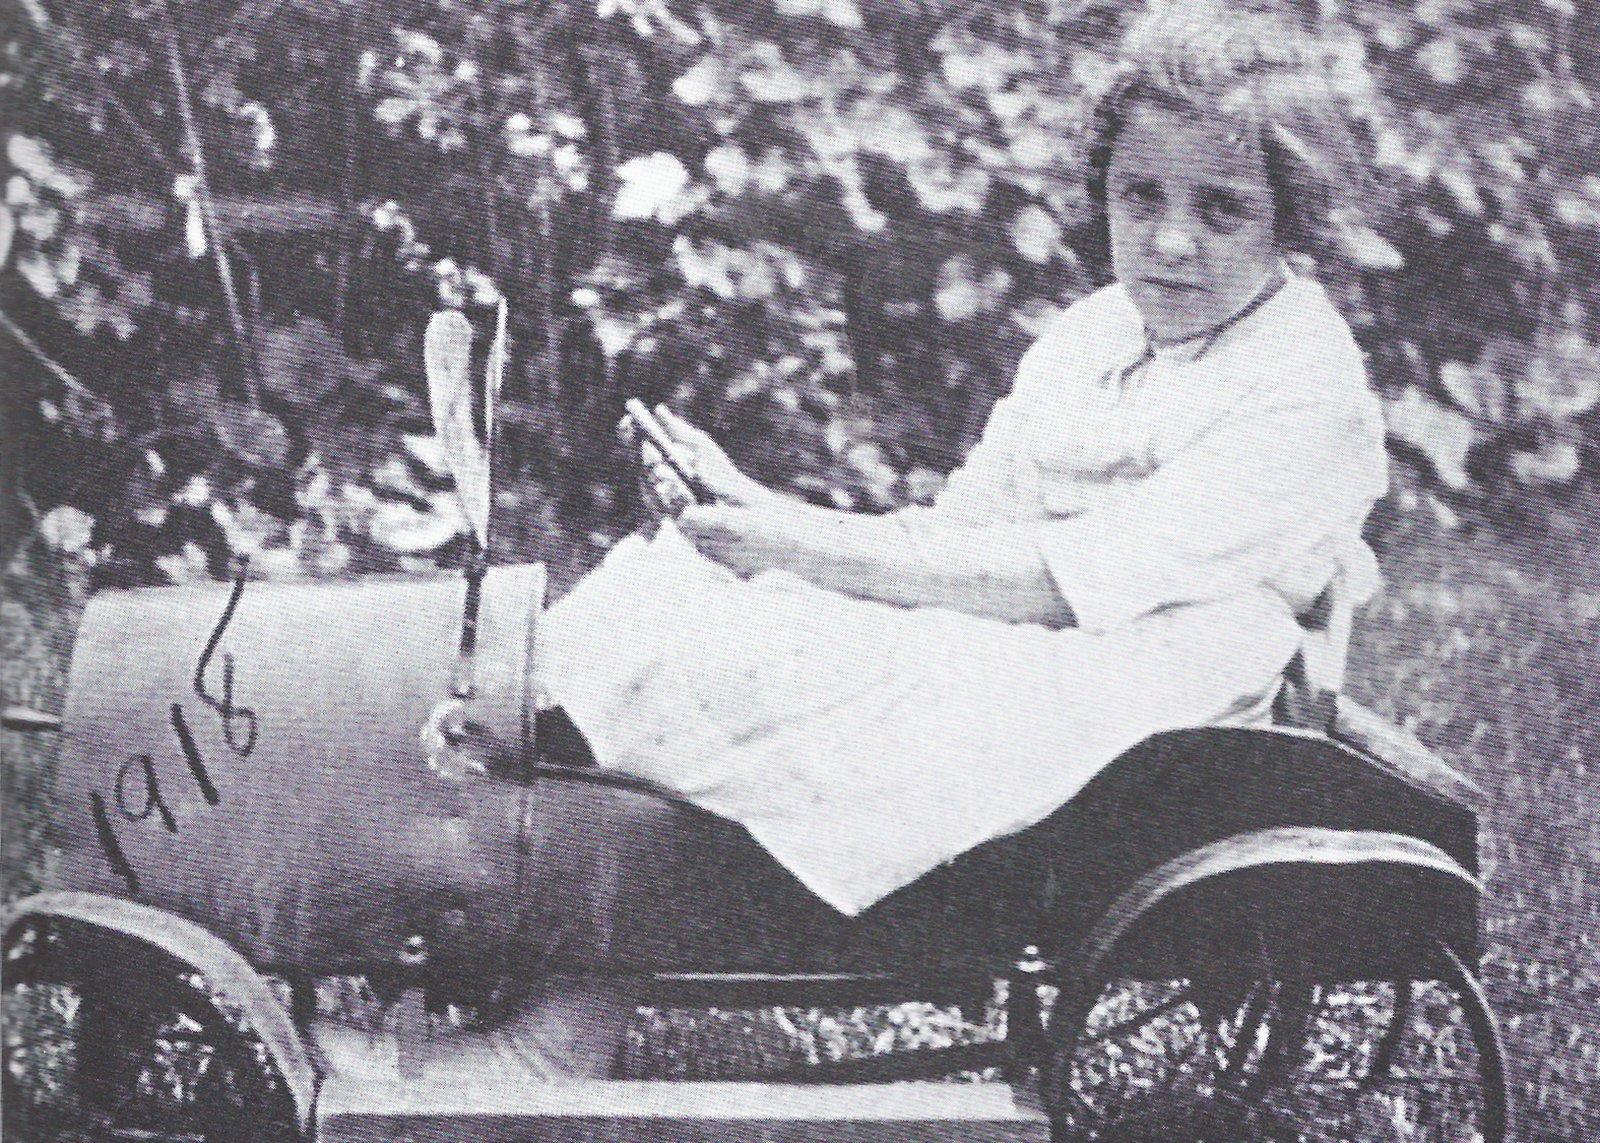 Juanita Barlow 1918